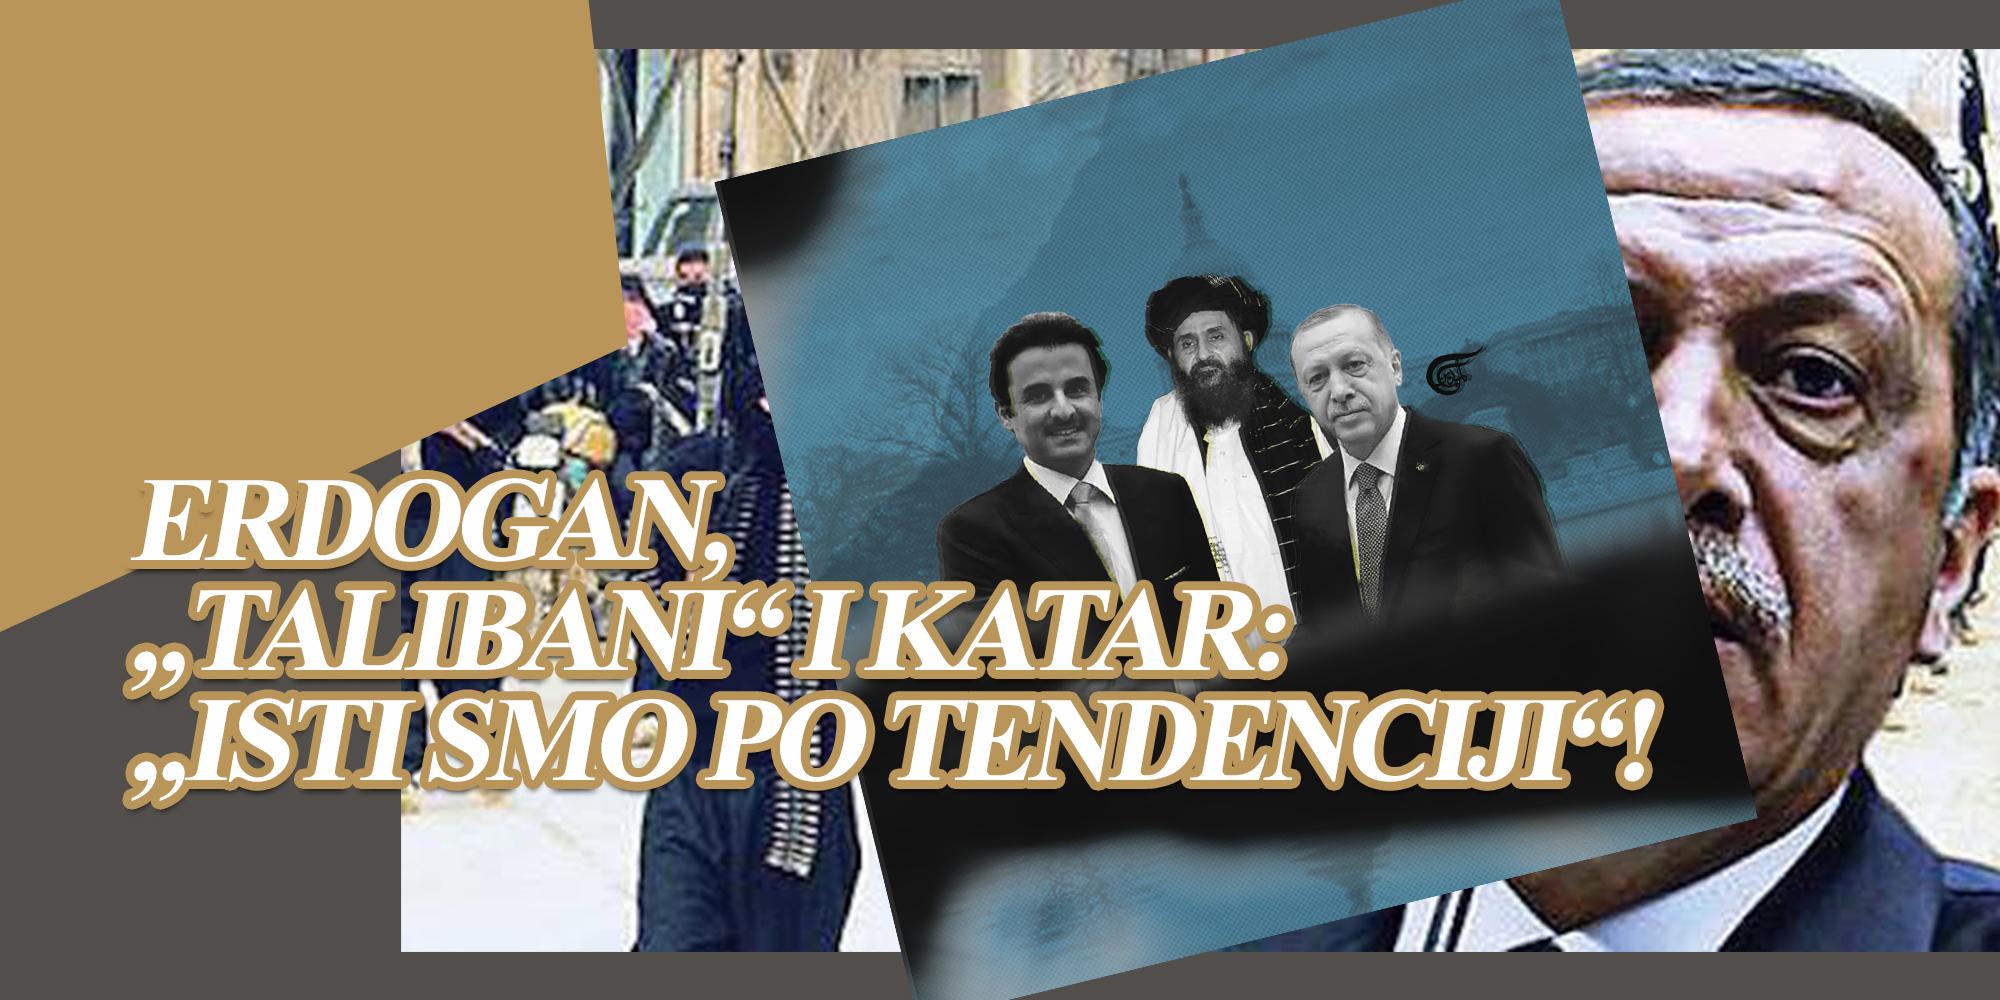 """Erdogan, """"talibani"""" i Katar: """"Isti smo po tendenciji""""!"""